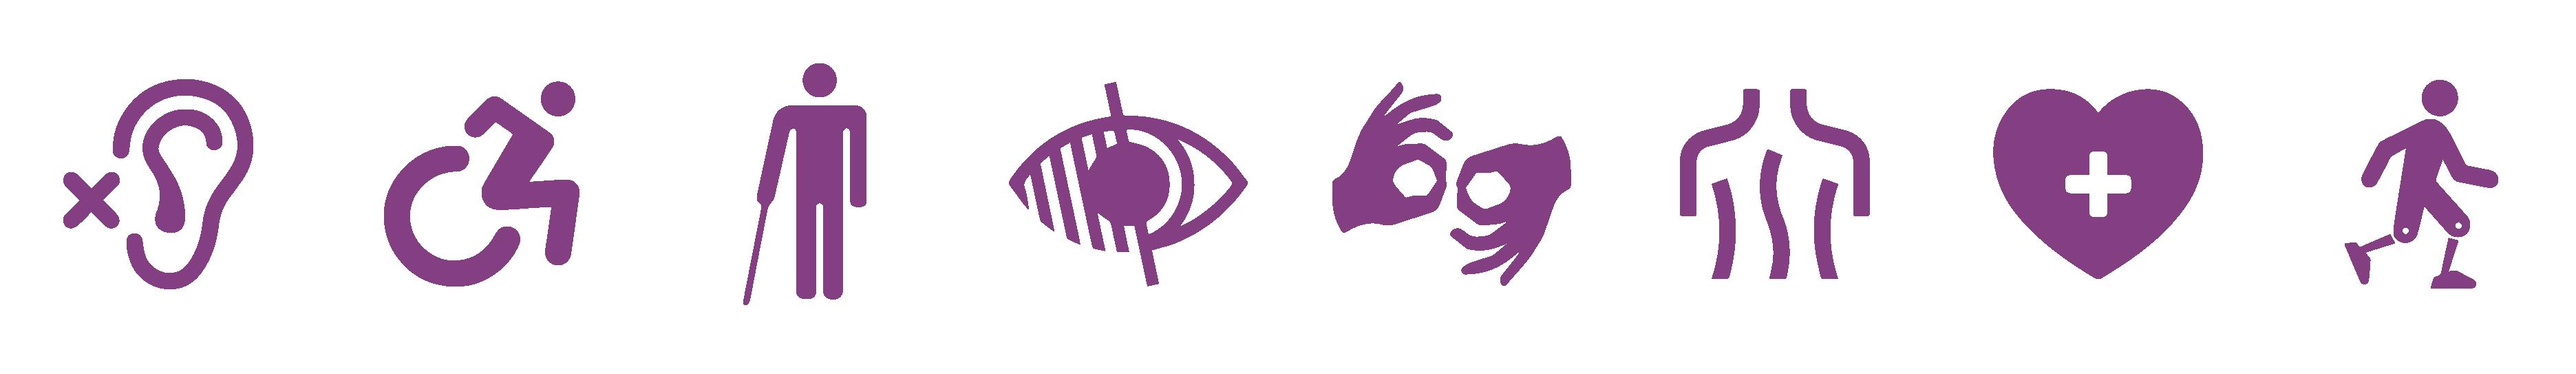 Huit pictogrammes symbolisant différents type d'handicap